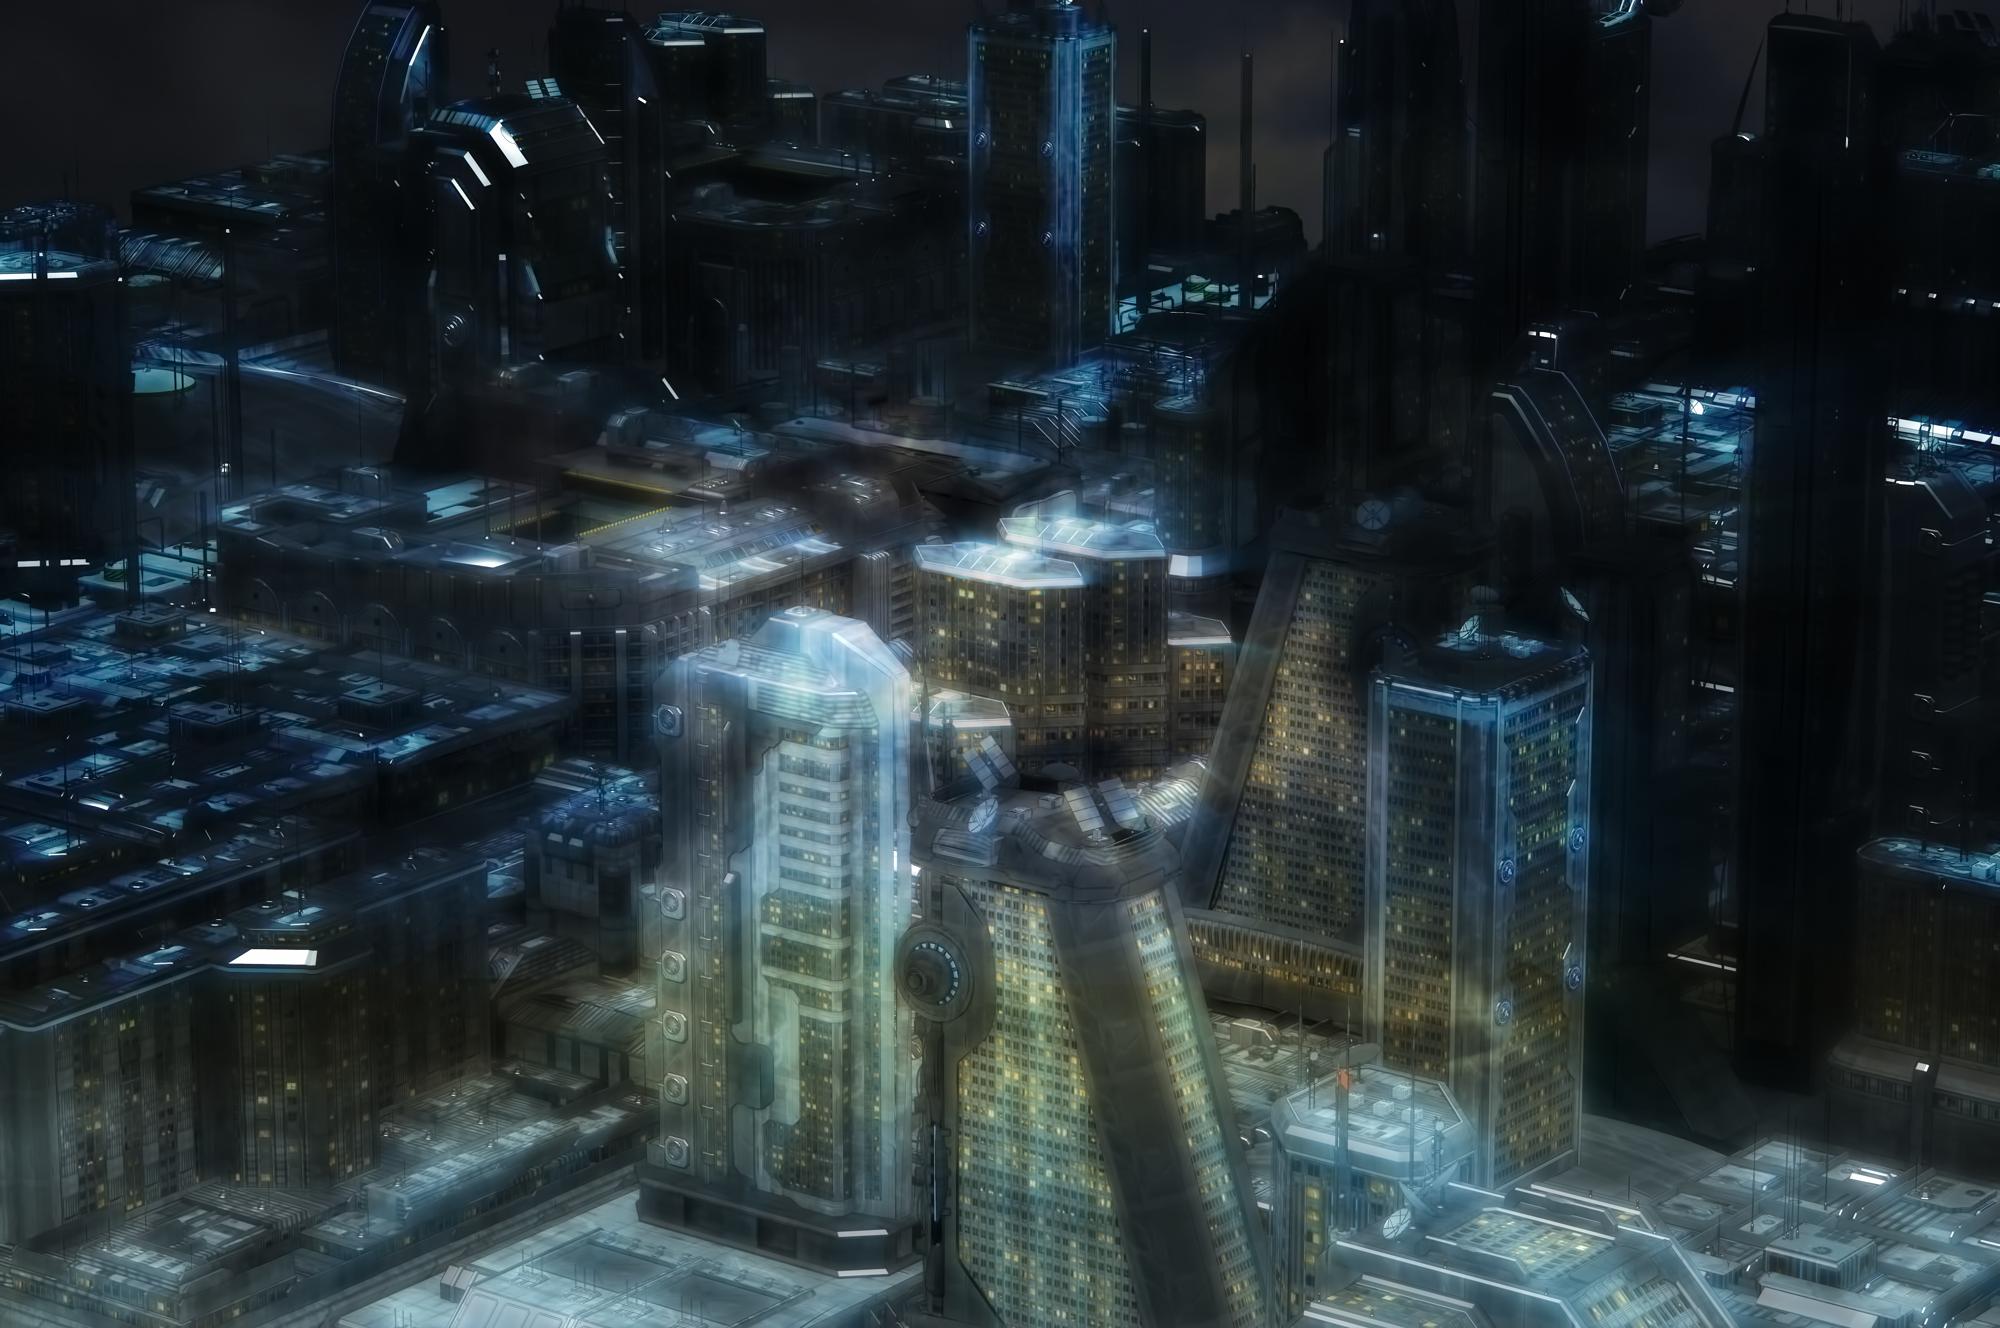 近未来sf・サイバーパンク系の背景画像素材】 sci-fi background images